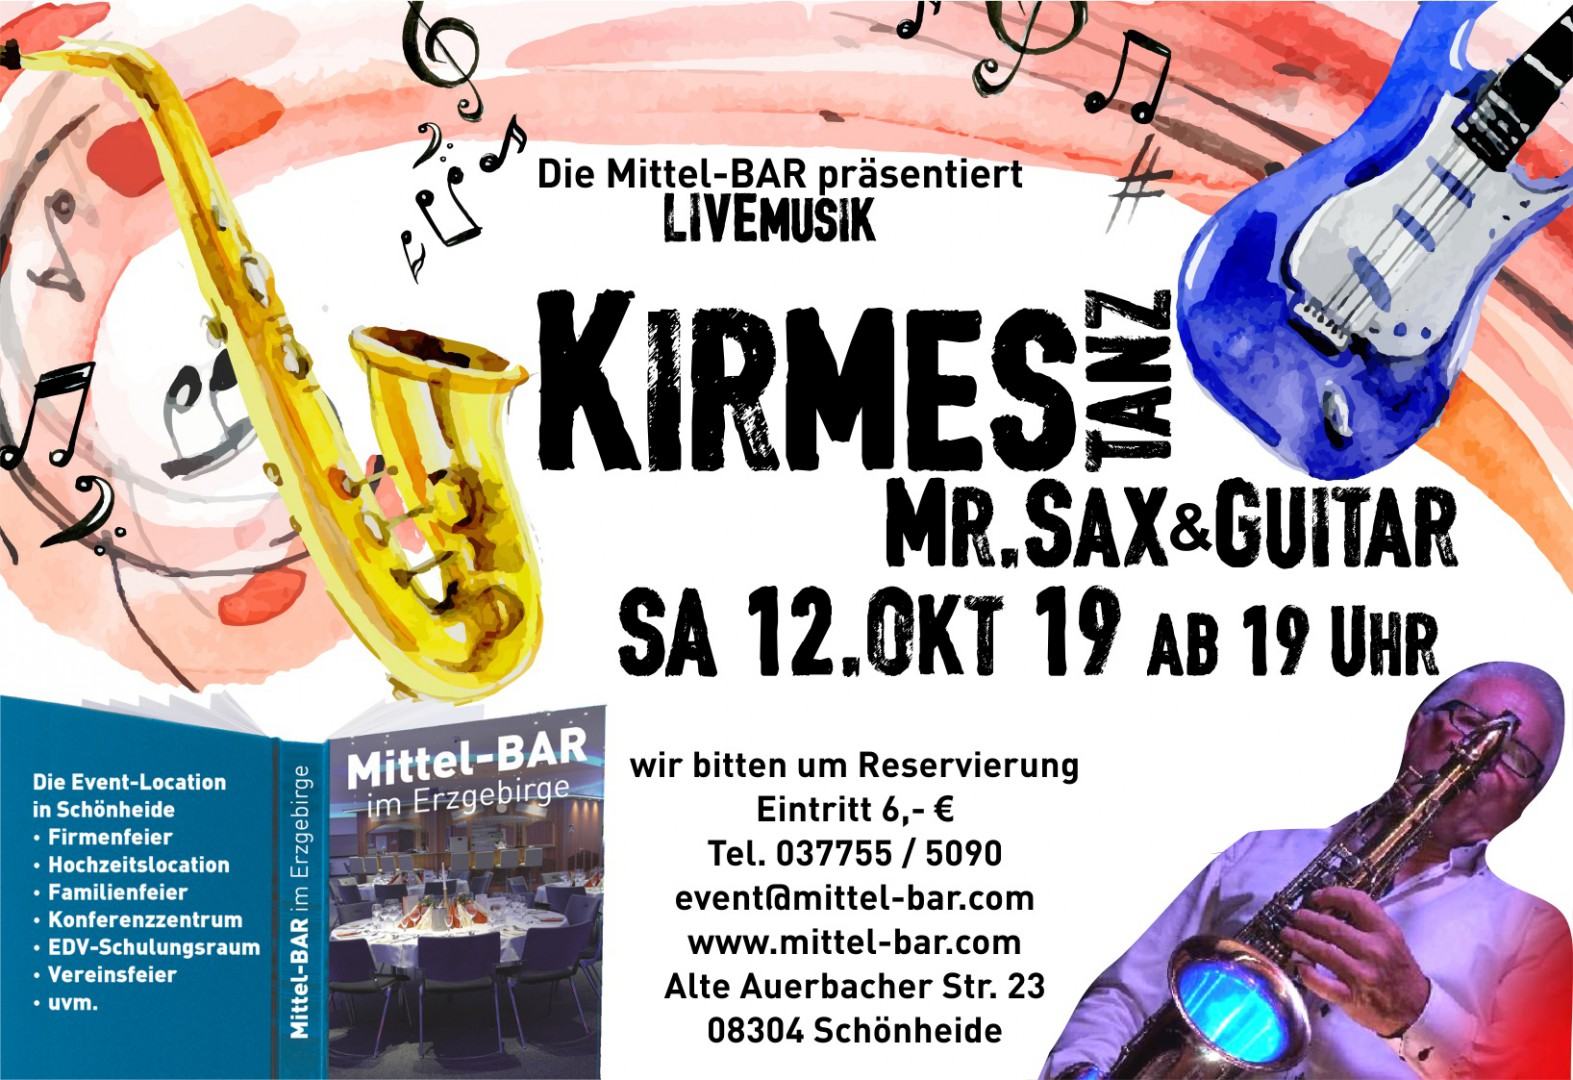 Livemusik in der Mittel-BAR!